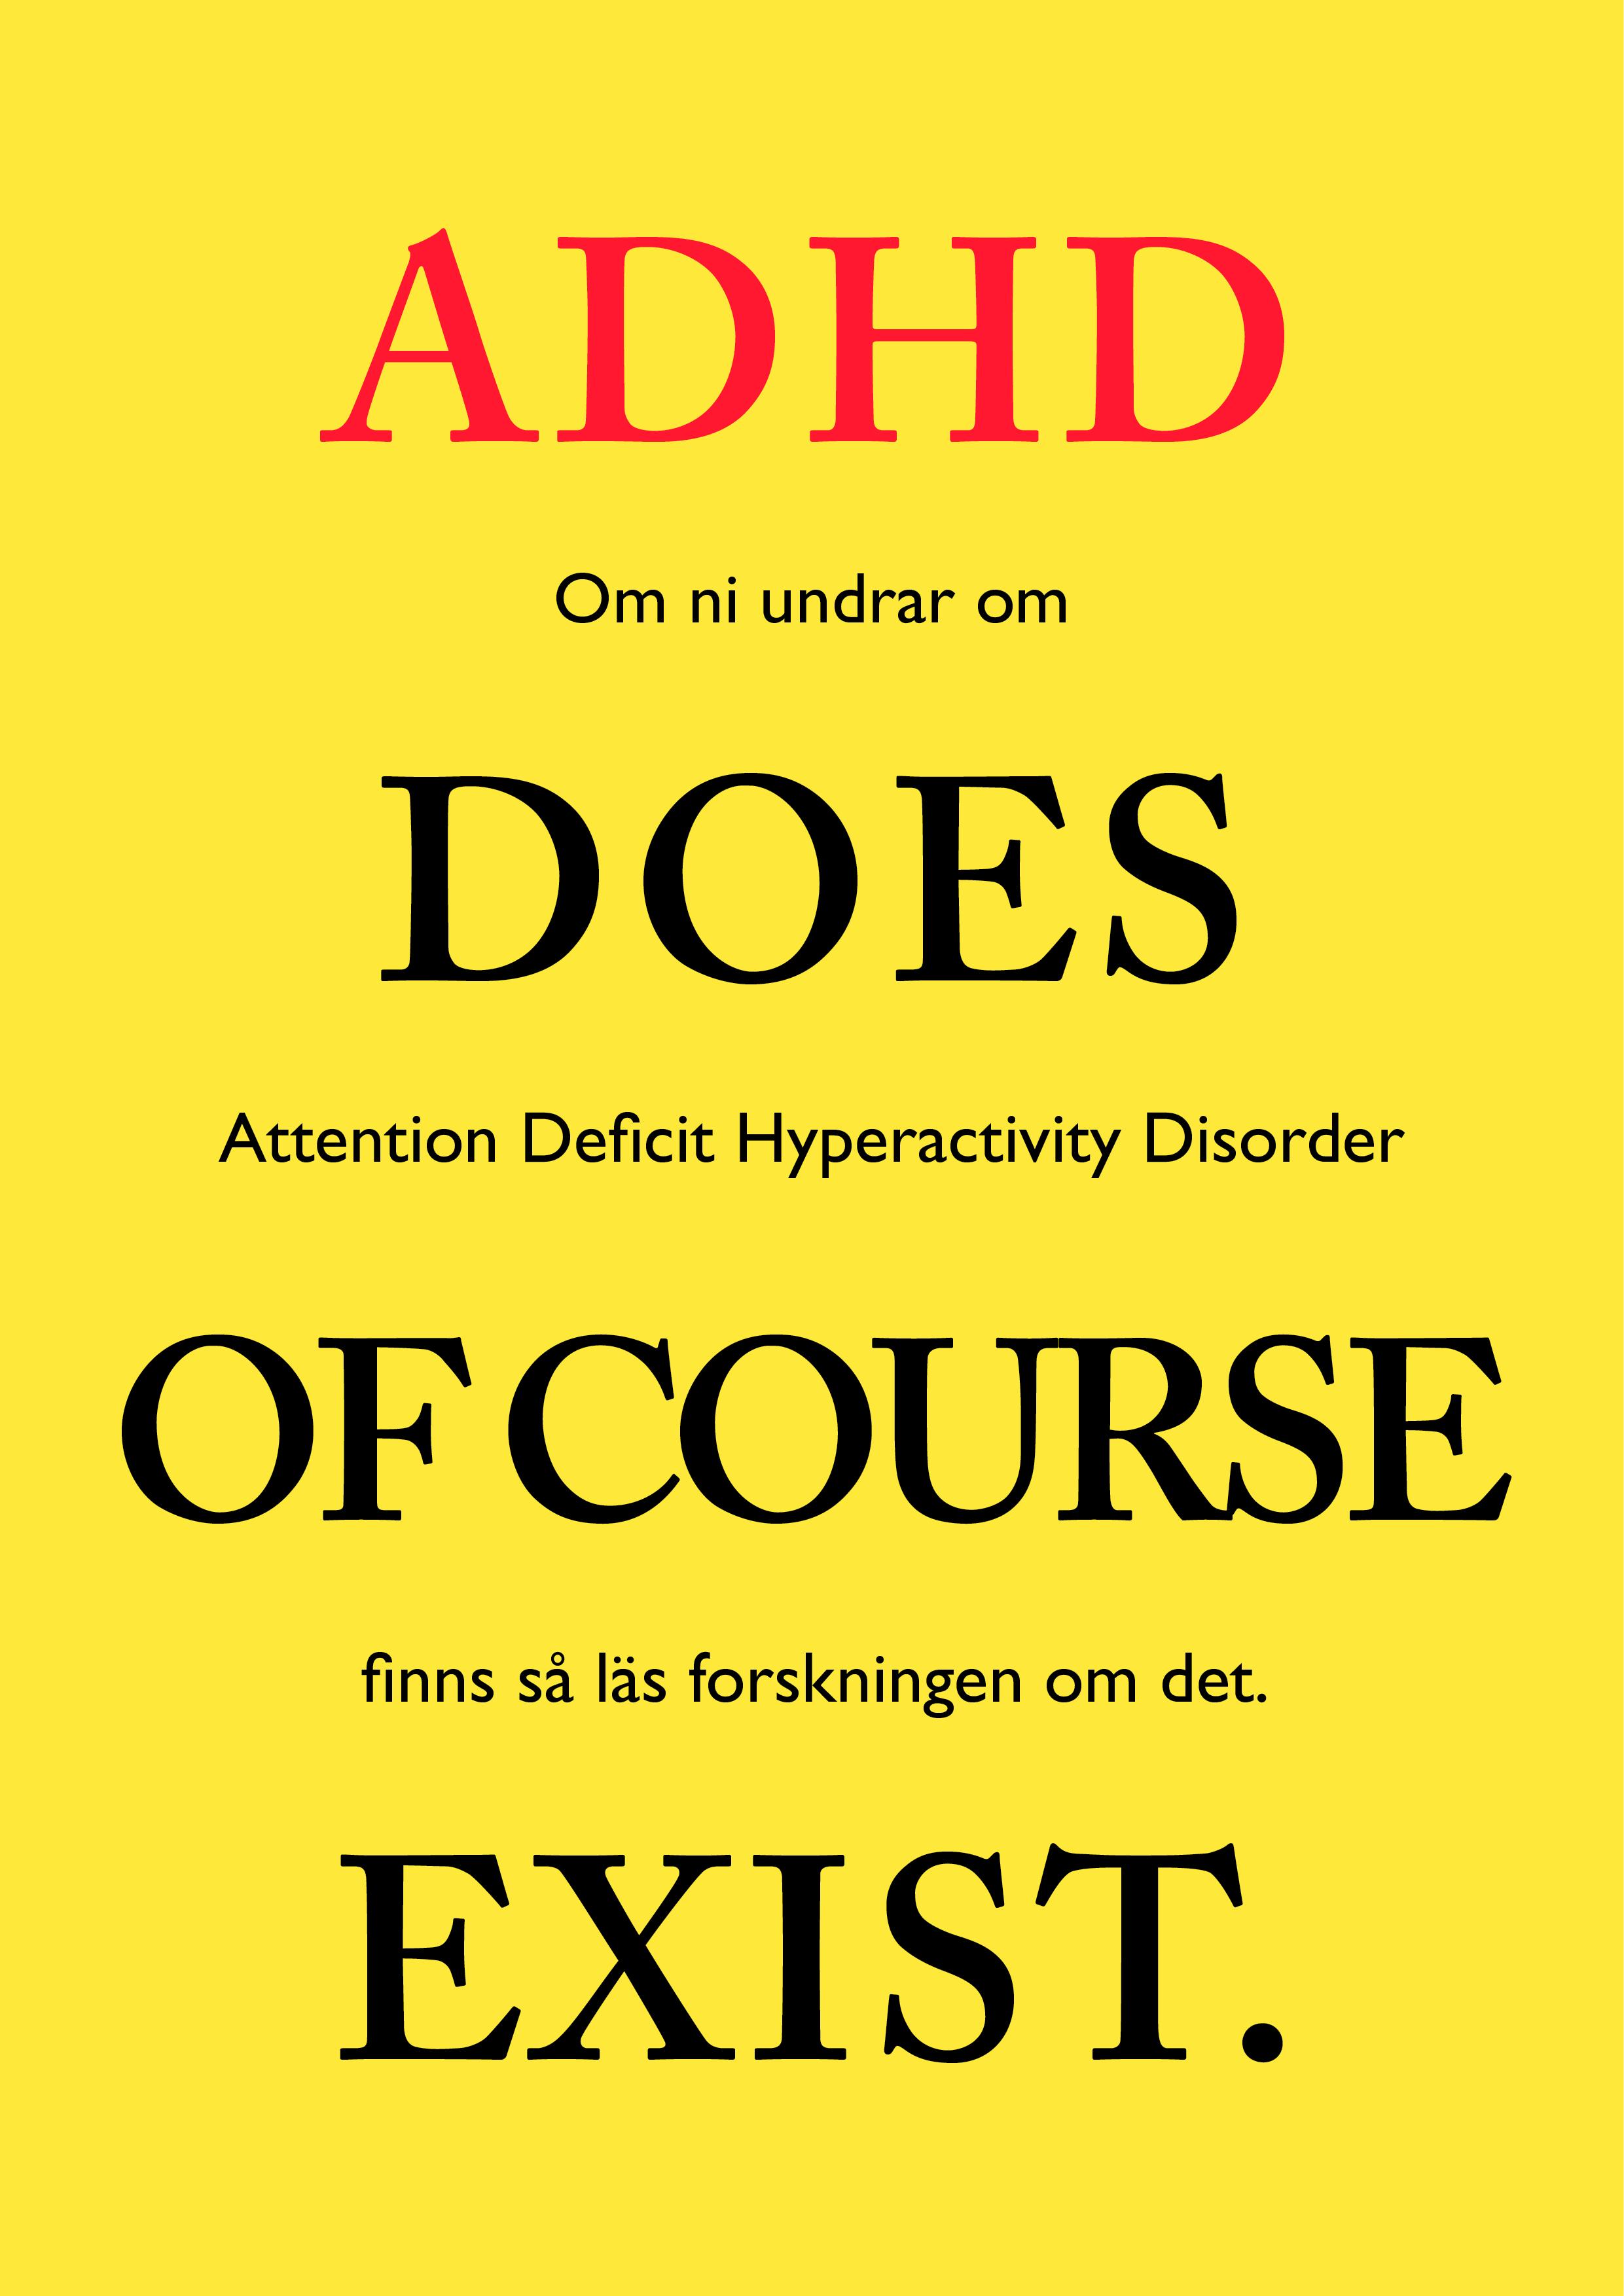 Såklart finns ADHD!